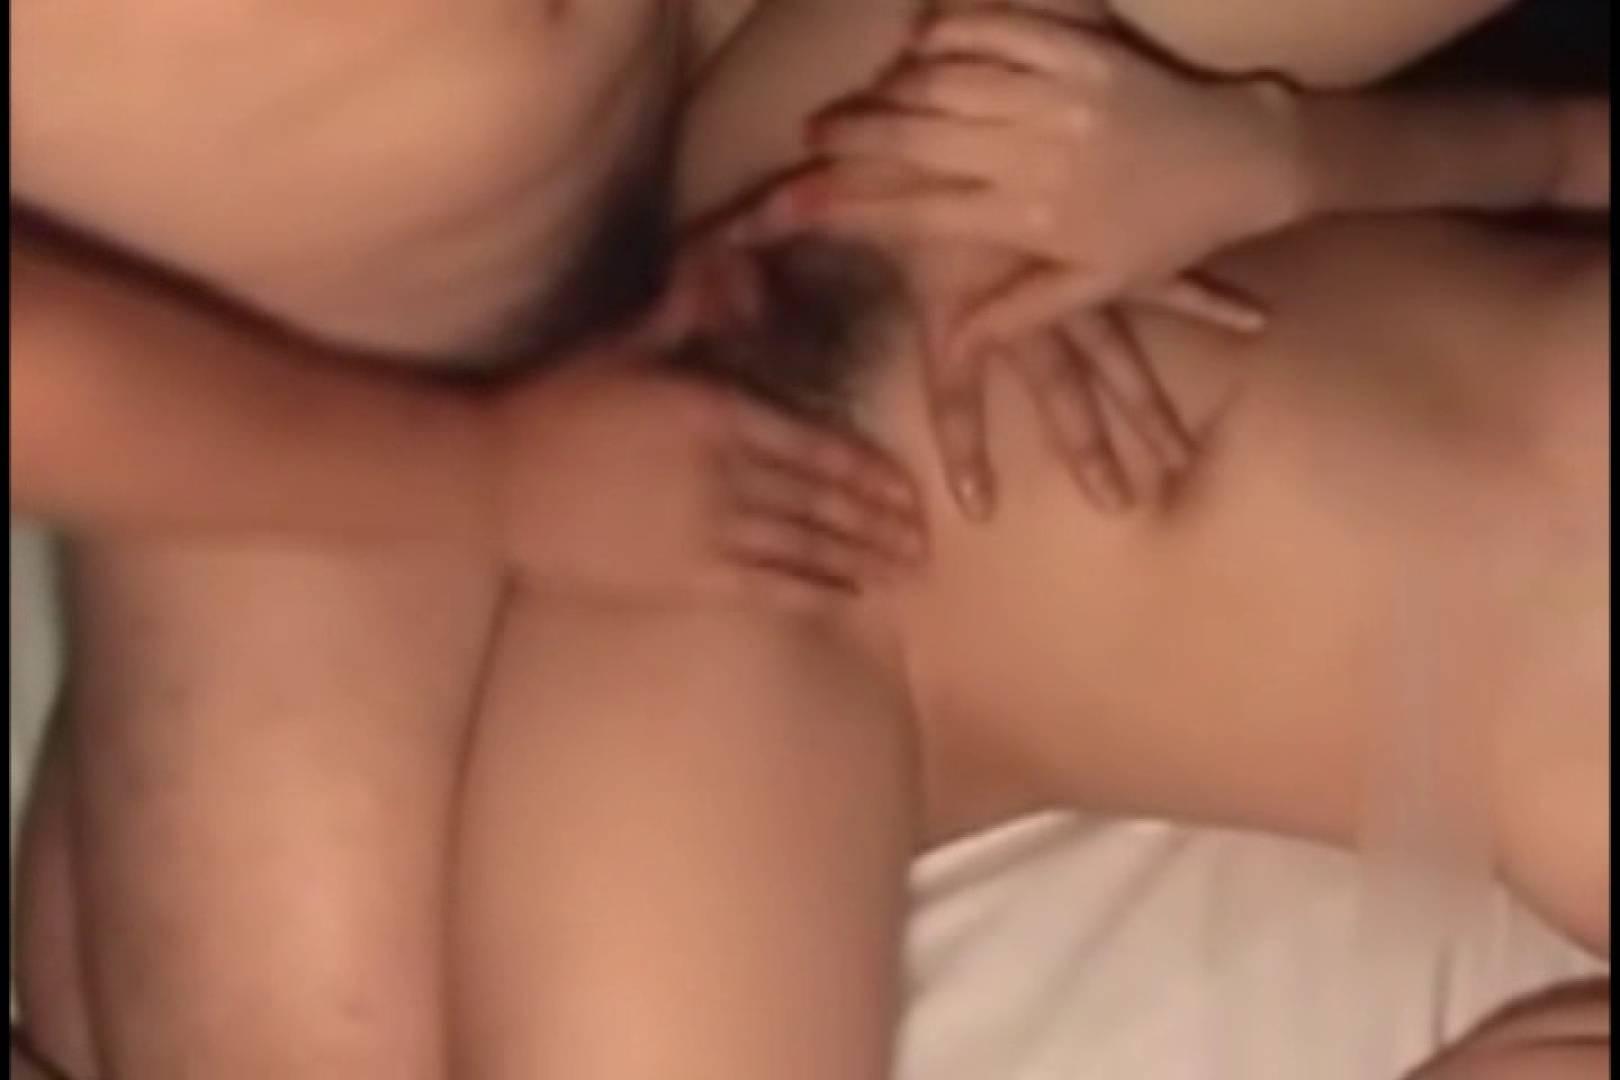 コリアン素人流出シリーズ 友達の彼女を姦して撮影 特撮オマンコ 盗み撮り動画キャプチャ 26連発 23